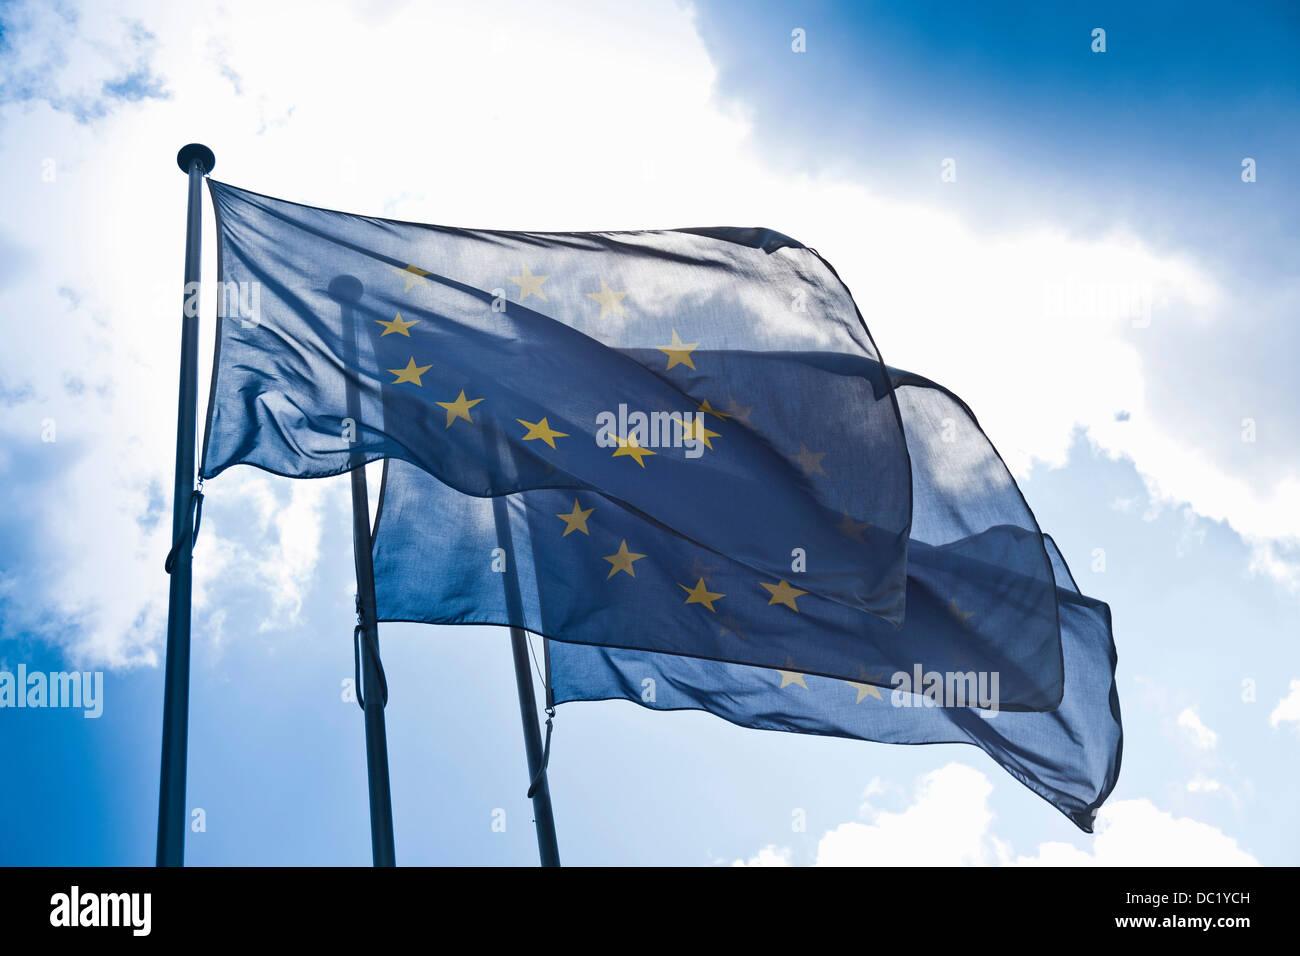 Europäischen Gemeinschaft Fahnen Stockbild